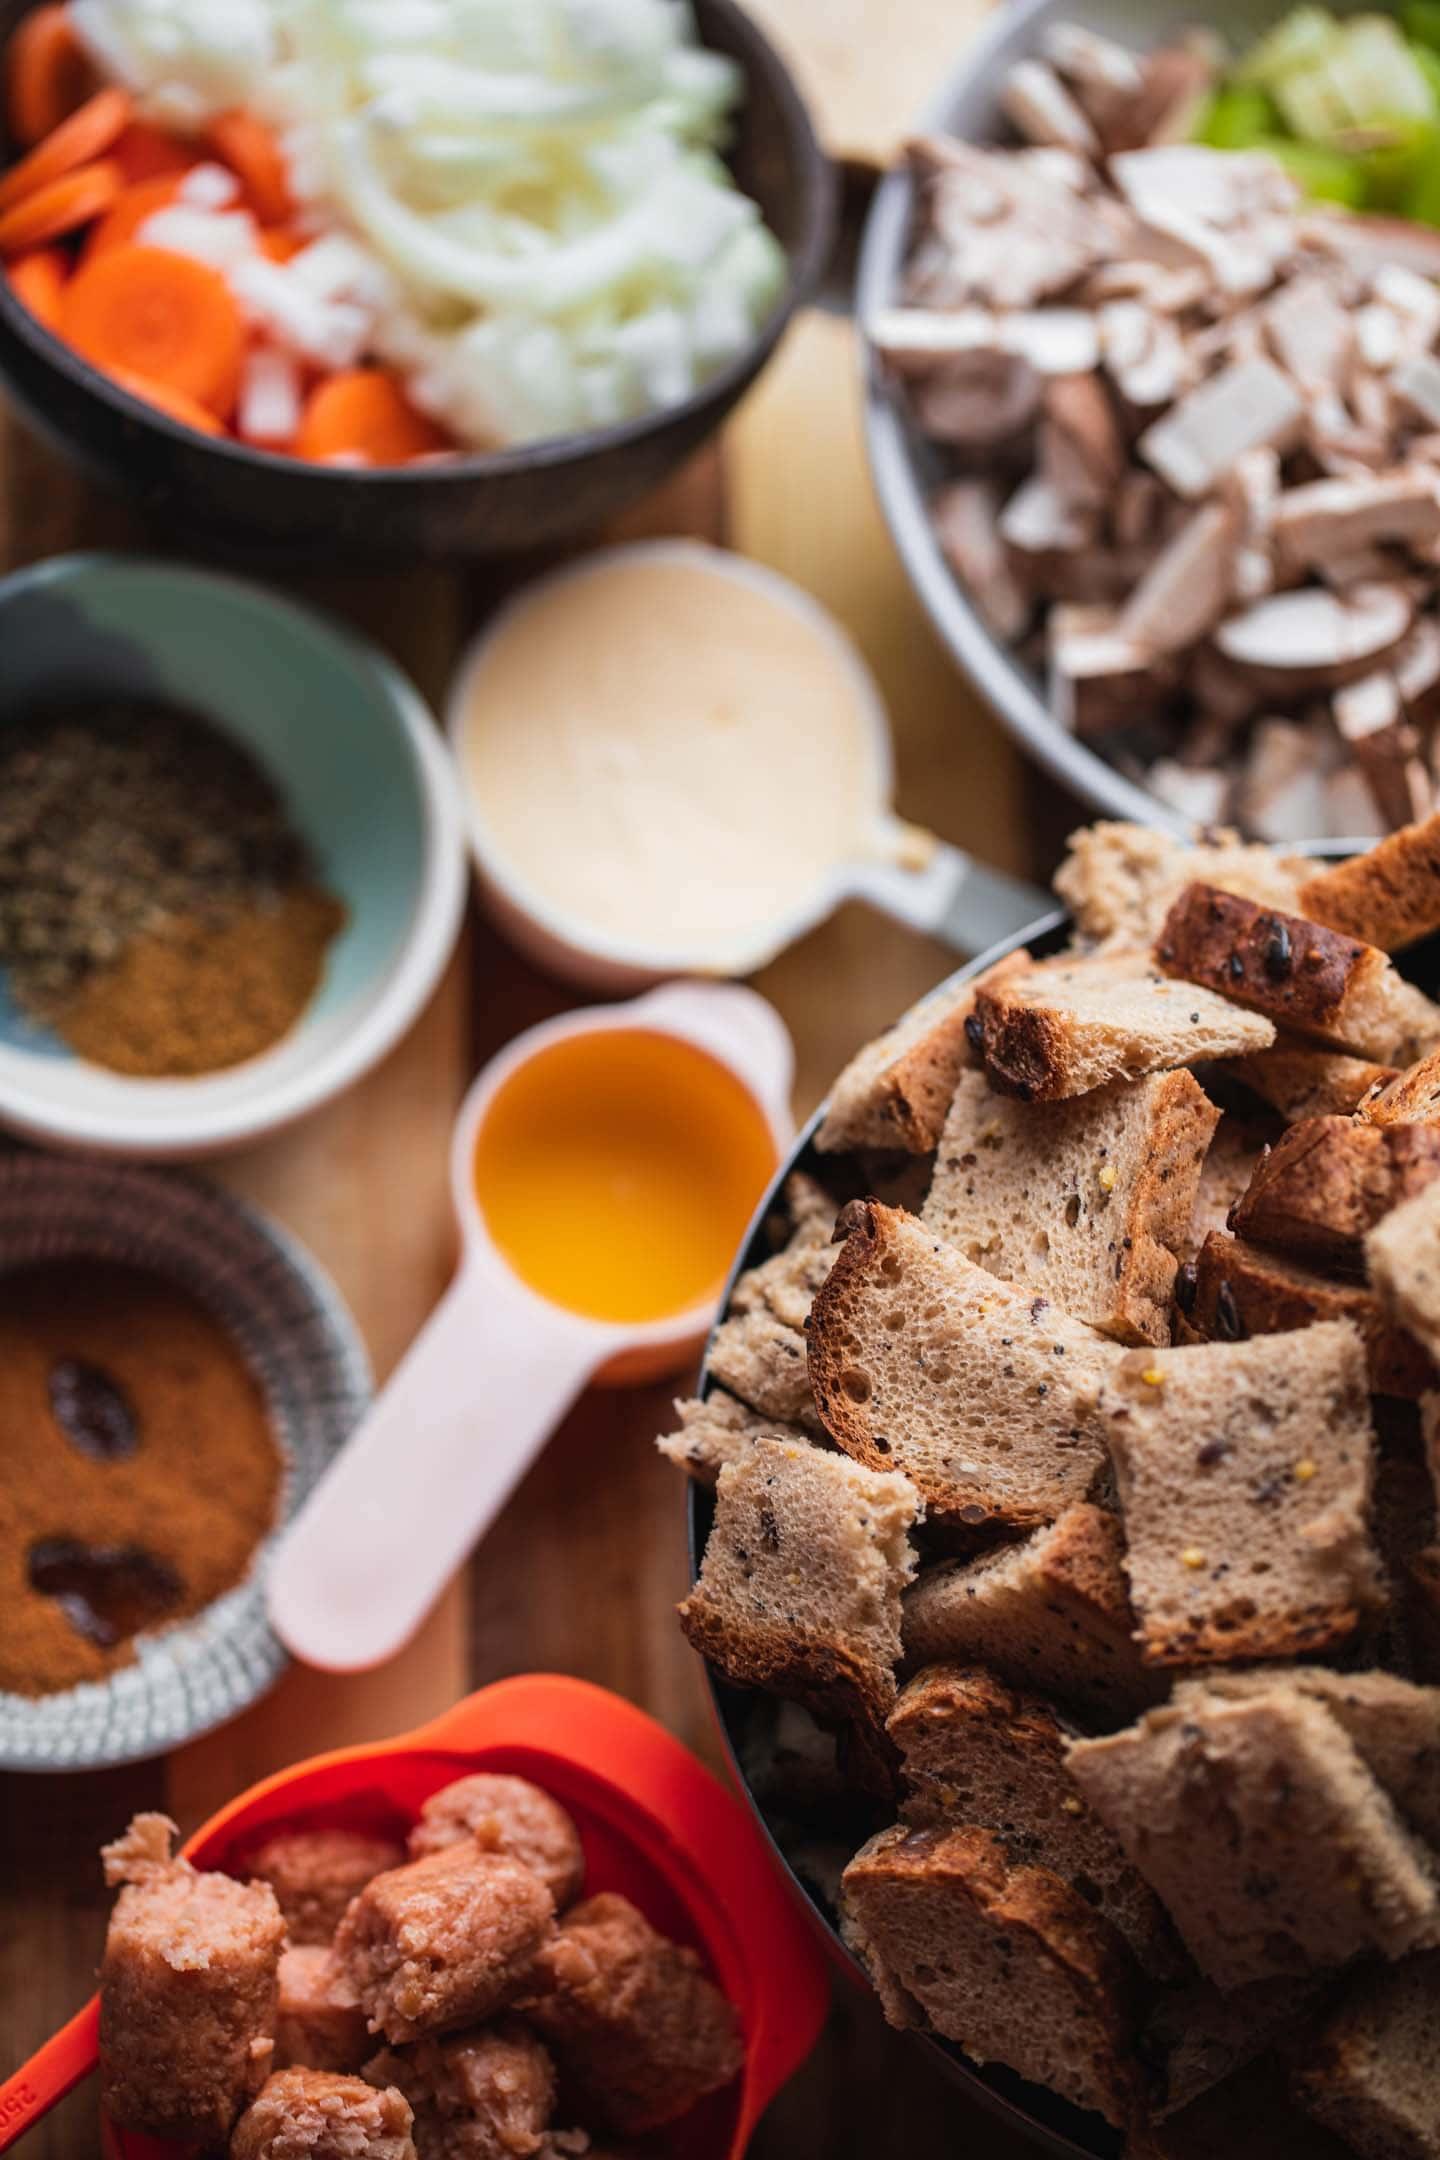 Ingredients for vegan stuffing